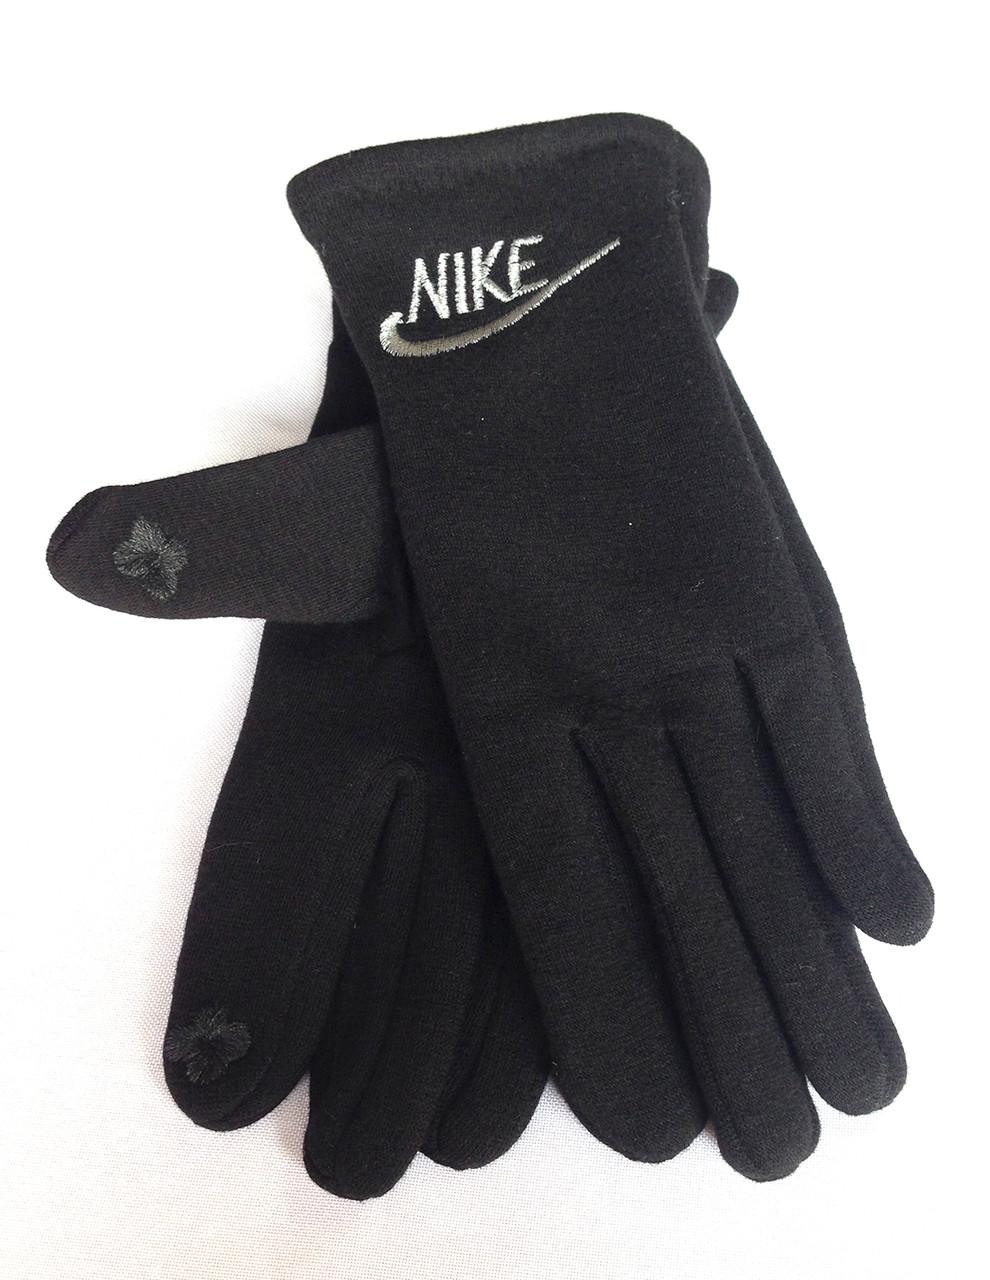 Сенсорные перчатки Nike, трикотаж/флис, черные